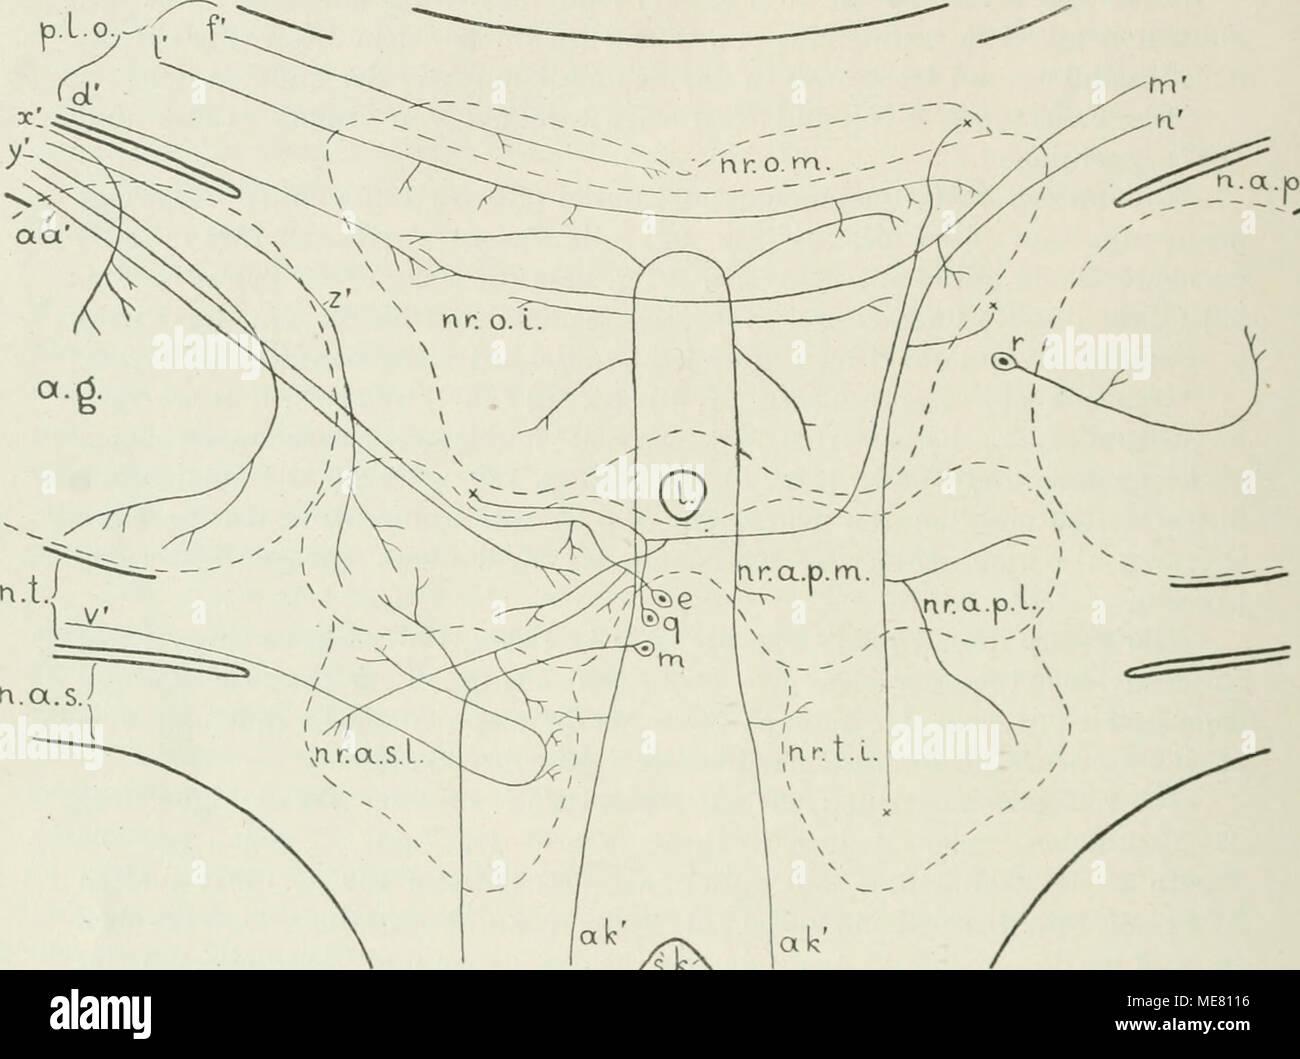 Ausgezeichnet Ct Lungenarterie Anatomie Galerie - Anatomie Ideen ...